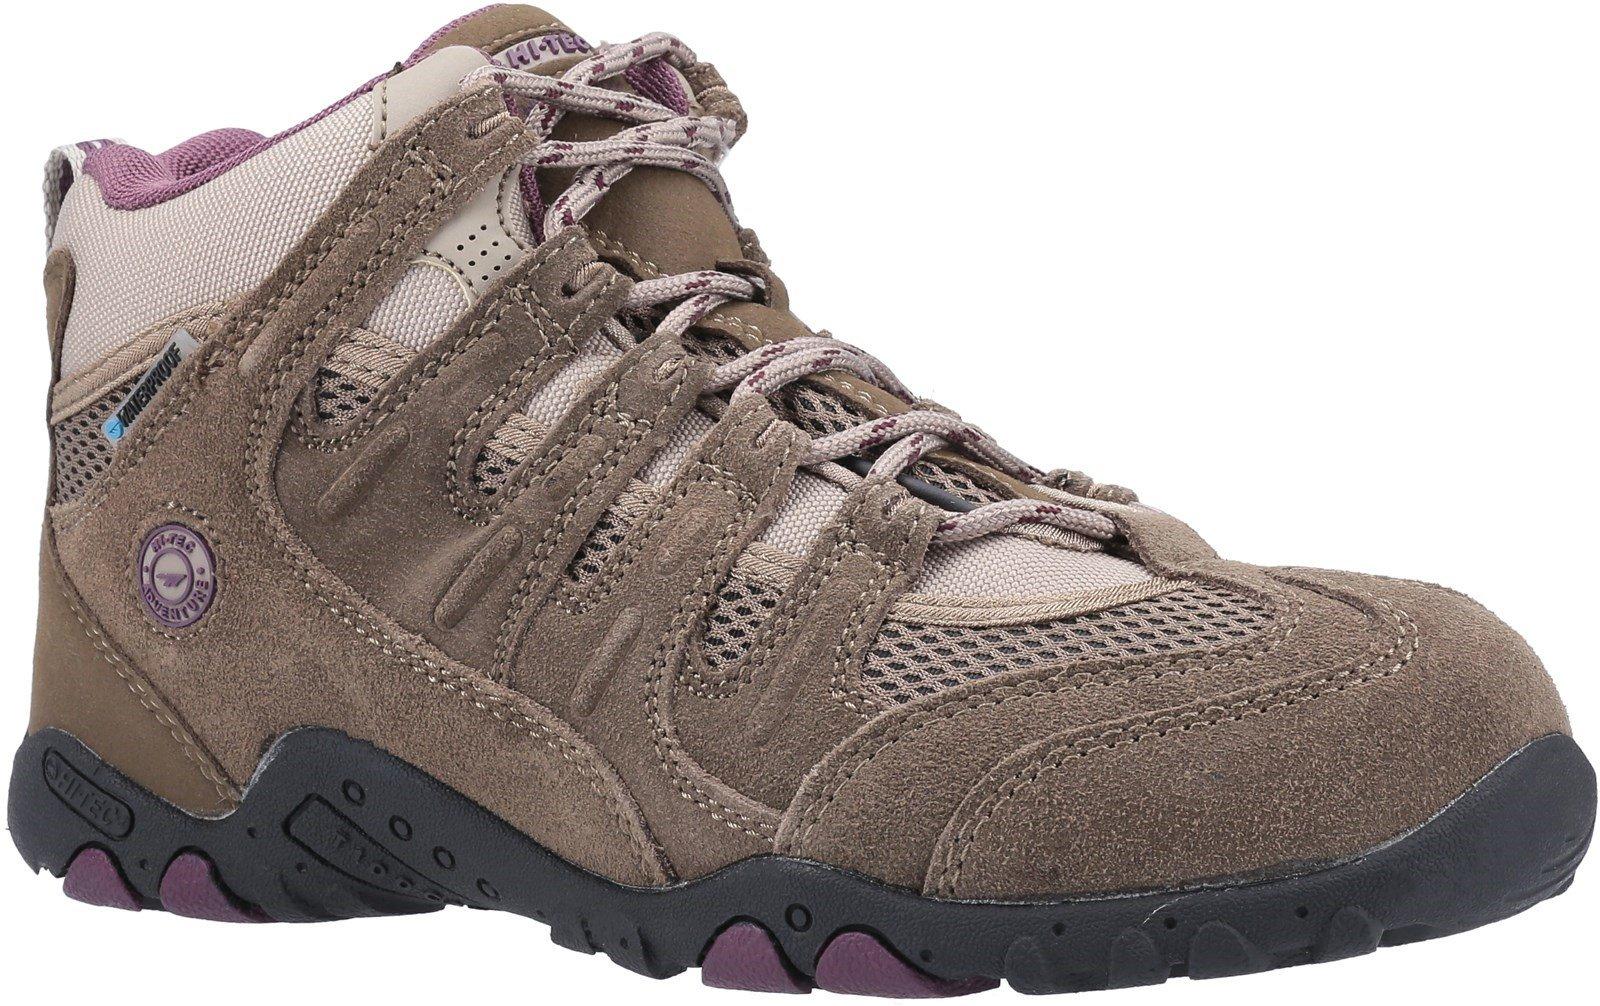 Hi-Tec Men's Quadra Classic Multi-Sport Boots Multicolor 31631 - Taupe/Plum 4